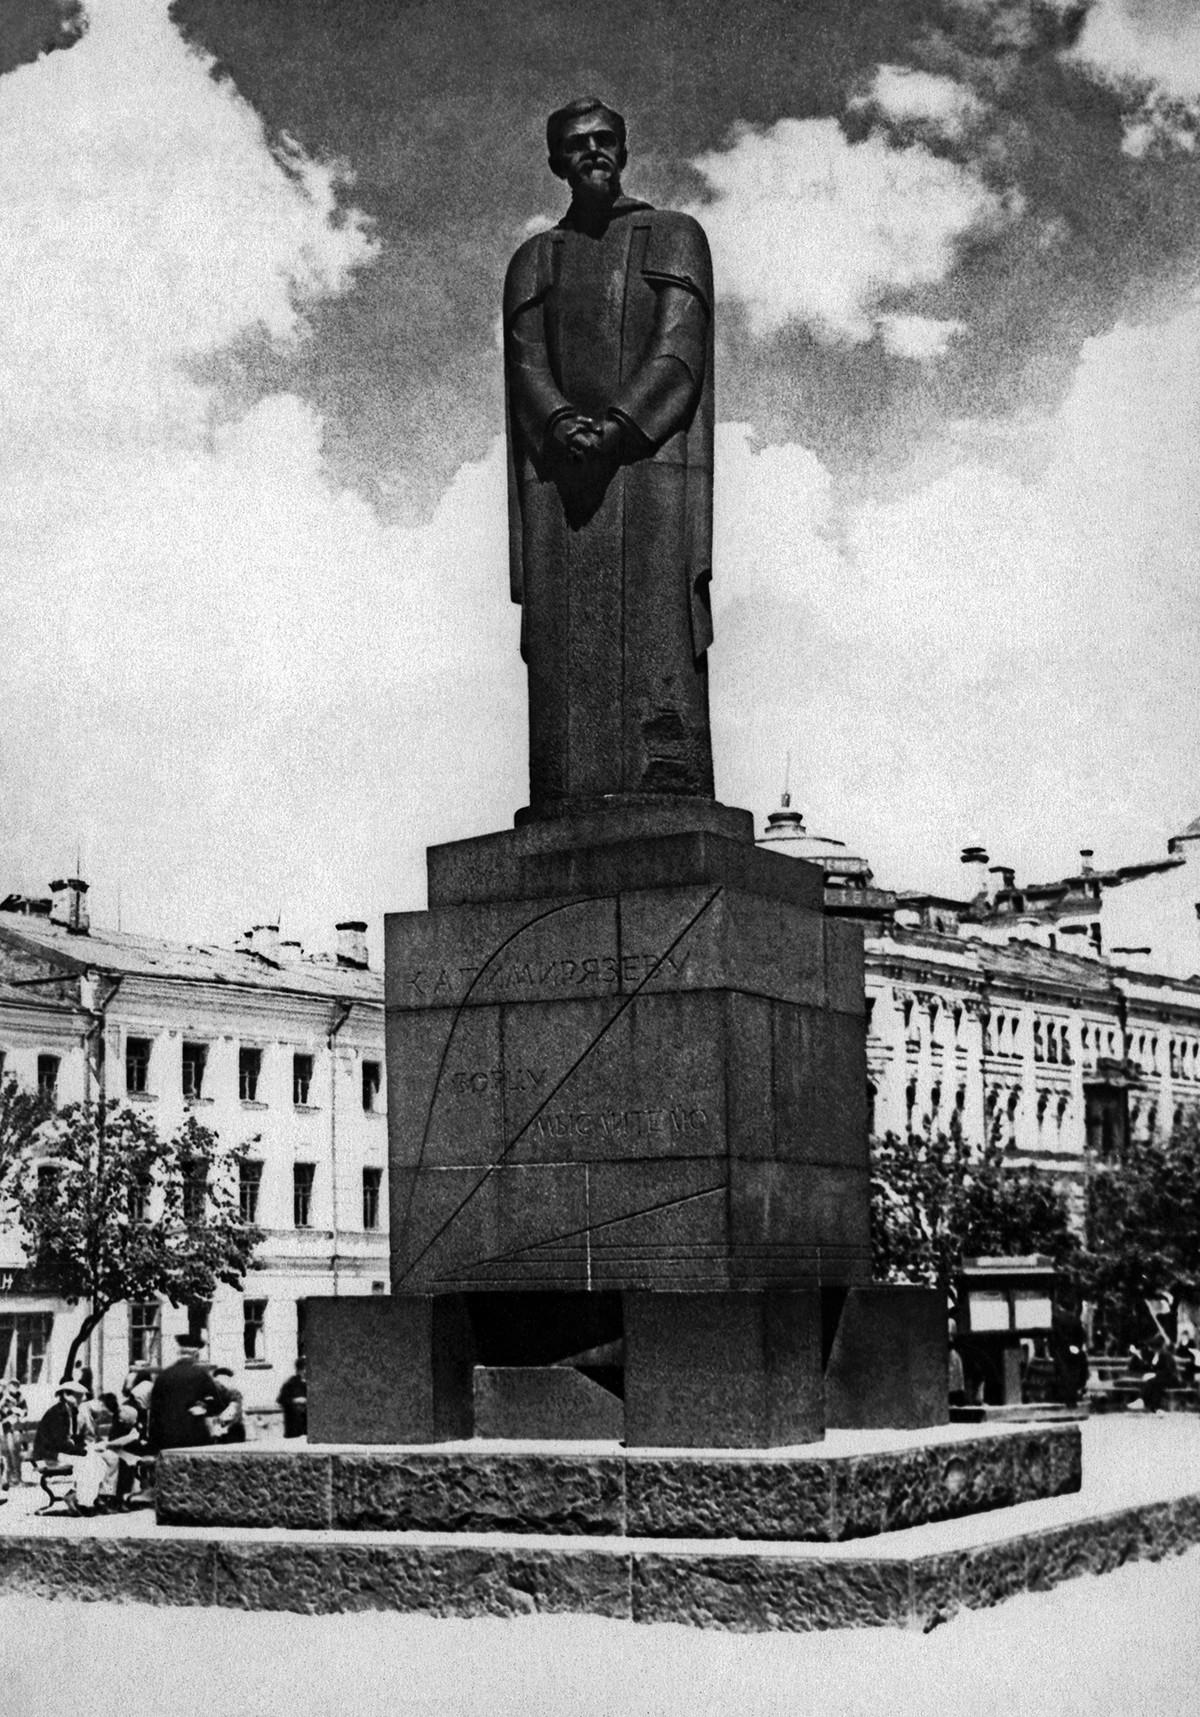 Le monument dans les années 1920